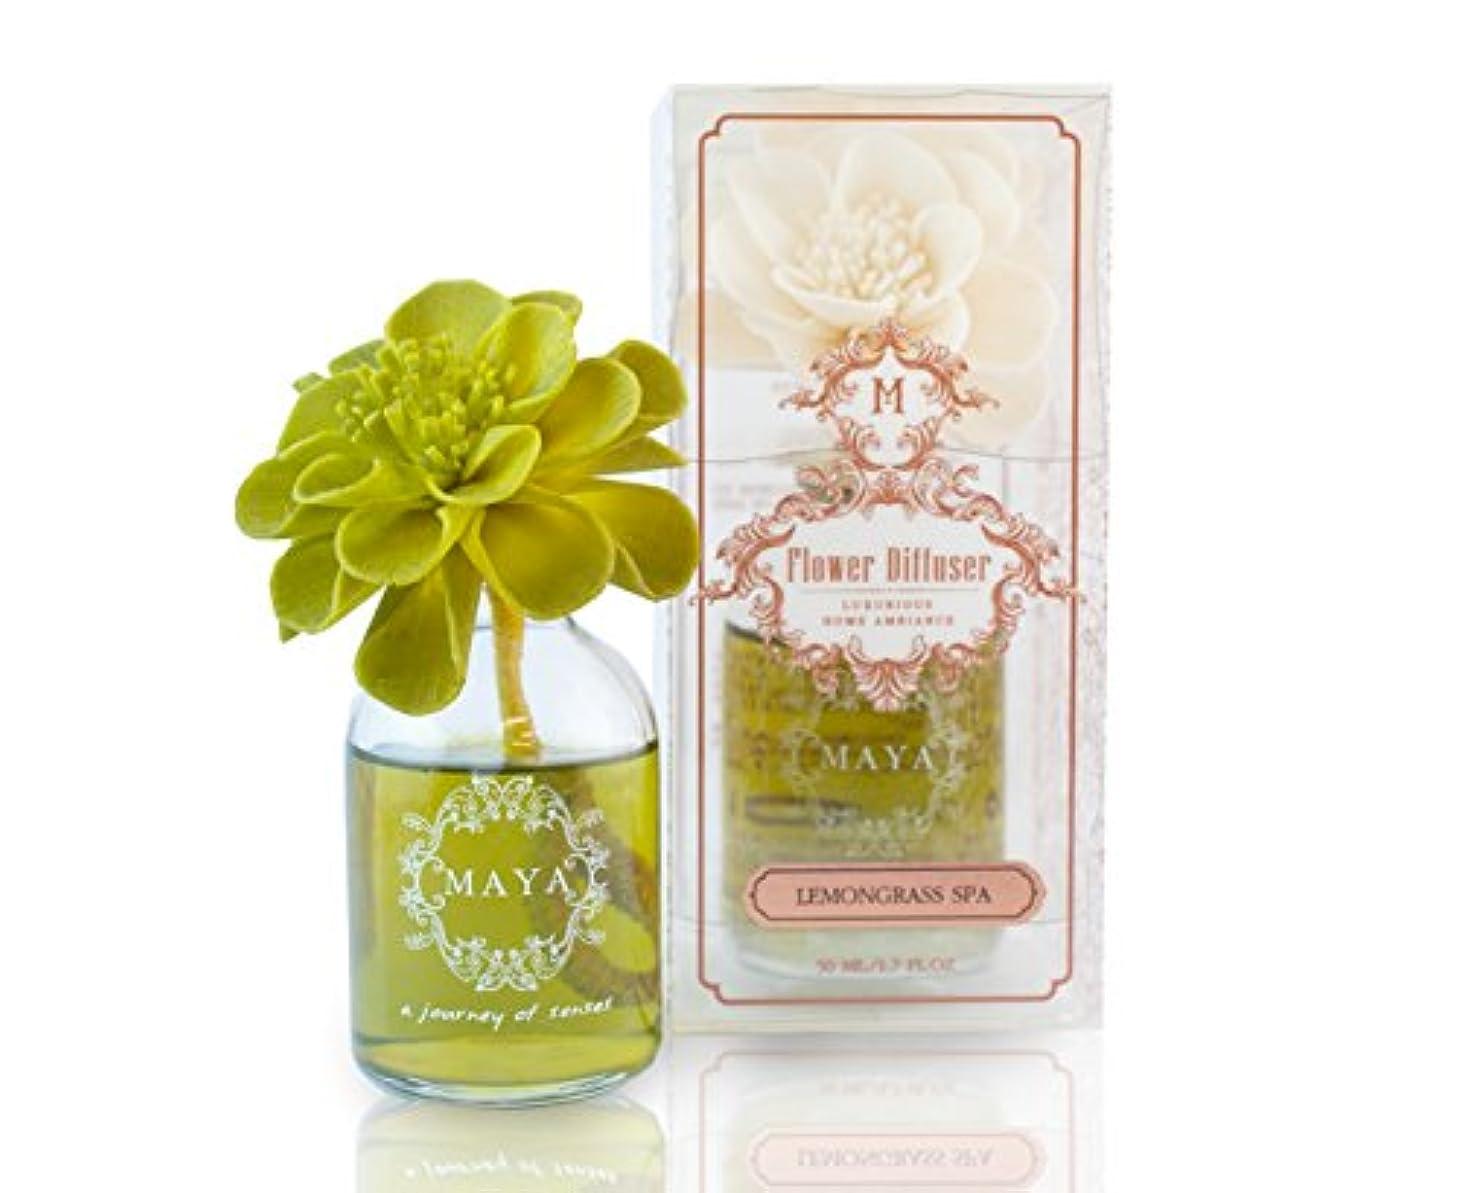 製造業鈍い急勾配のMAYA フラワーディフューザー レモングラススパ 50ml [並行輸入品]  Aroma Flower Diffuser - Lemongrass Spa 50ml